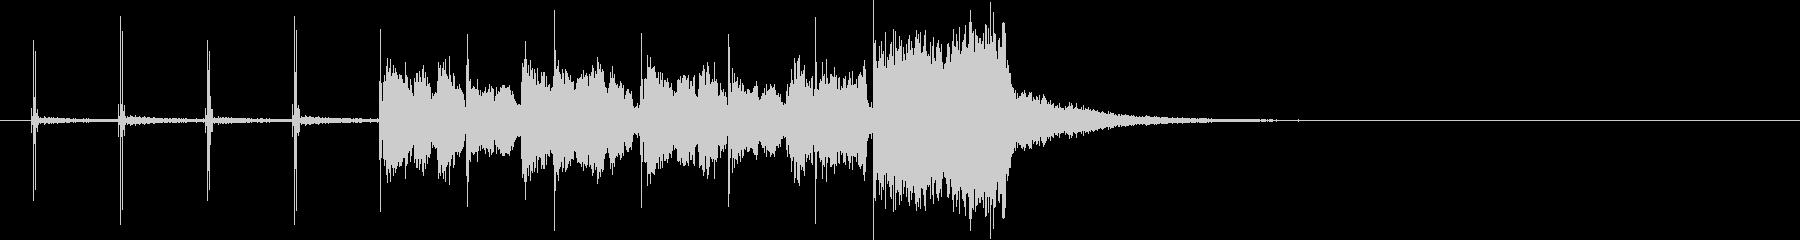 オルガンジングル タップ風+カウントの未再生の波形